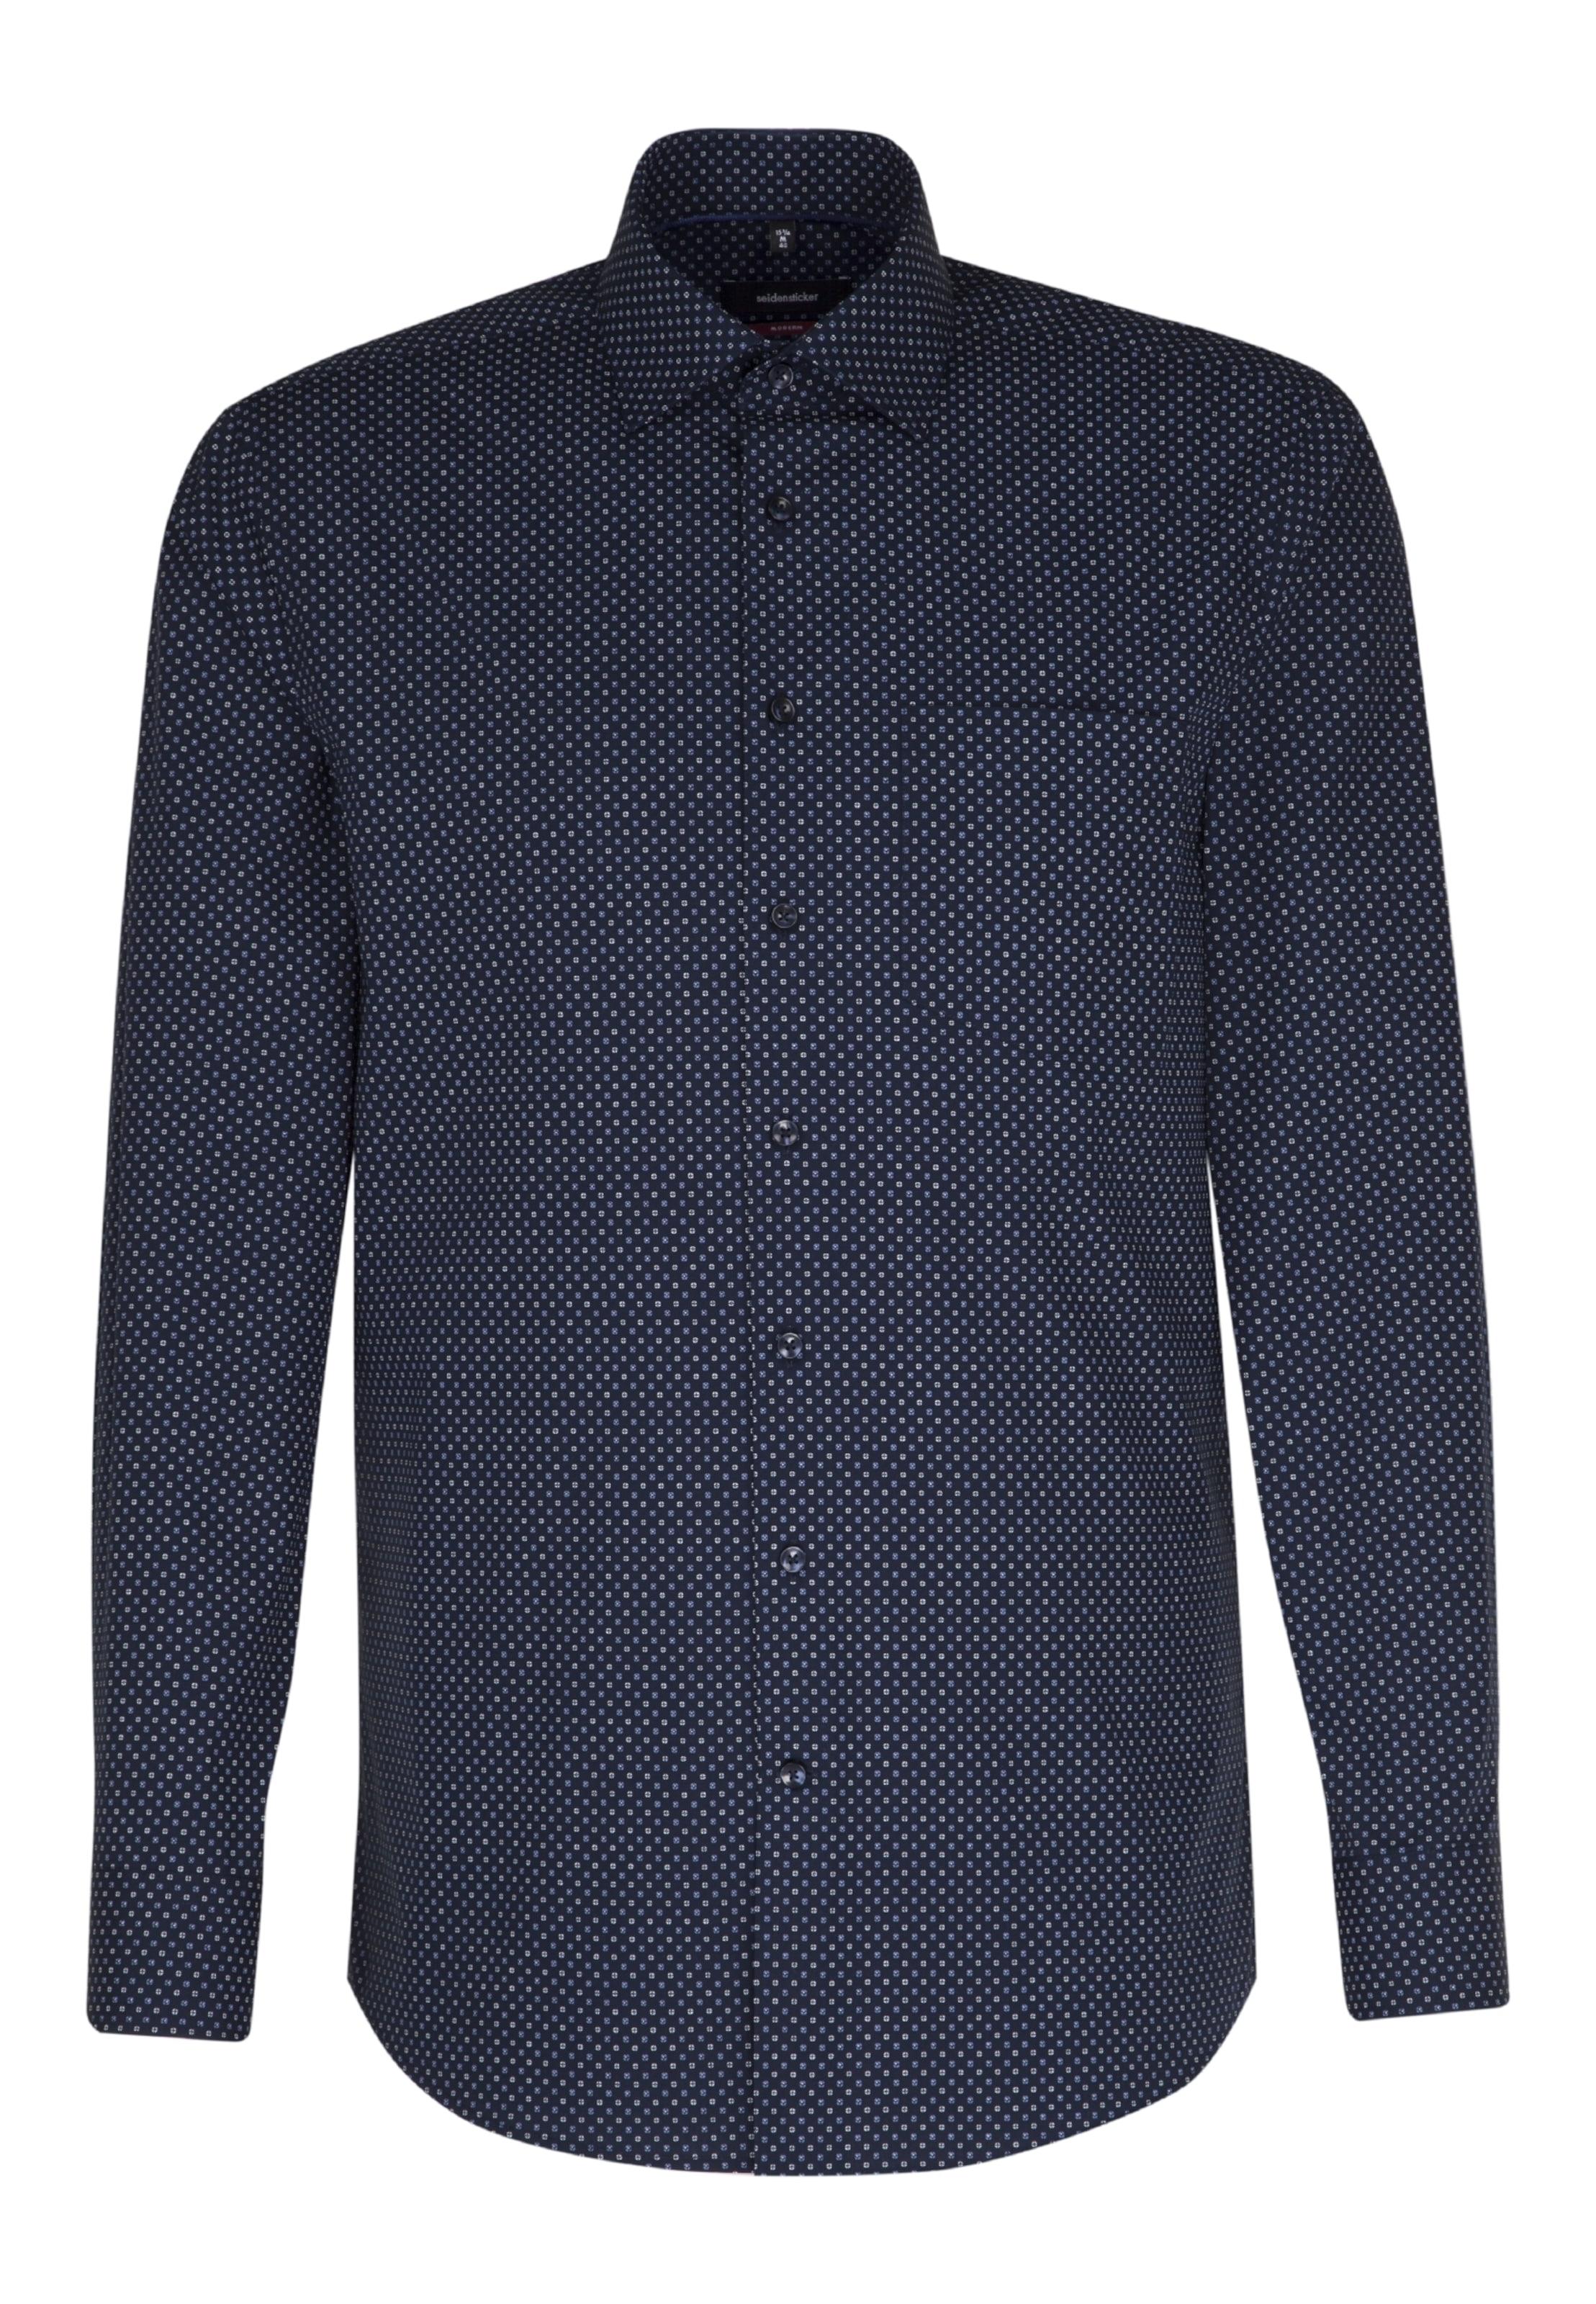 Durchsuchen Verkauf Online SEIDENSTICKER City-Hemd 'Modern' Verkauf Finish KxDij